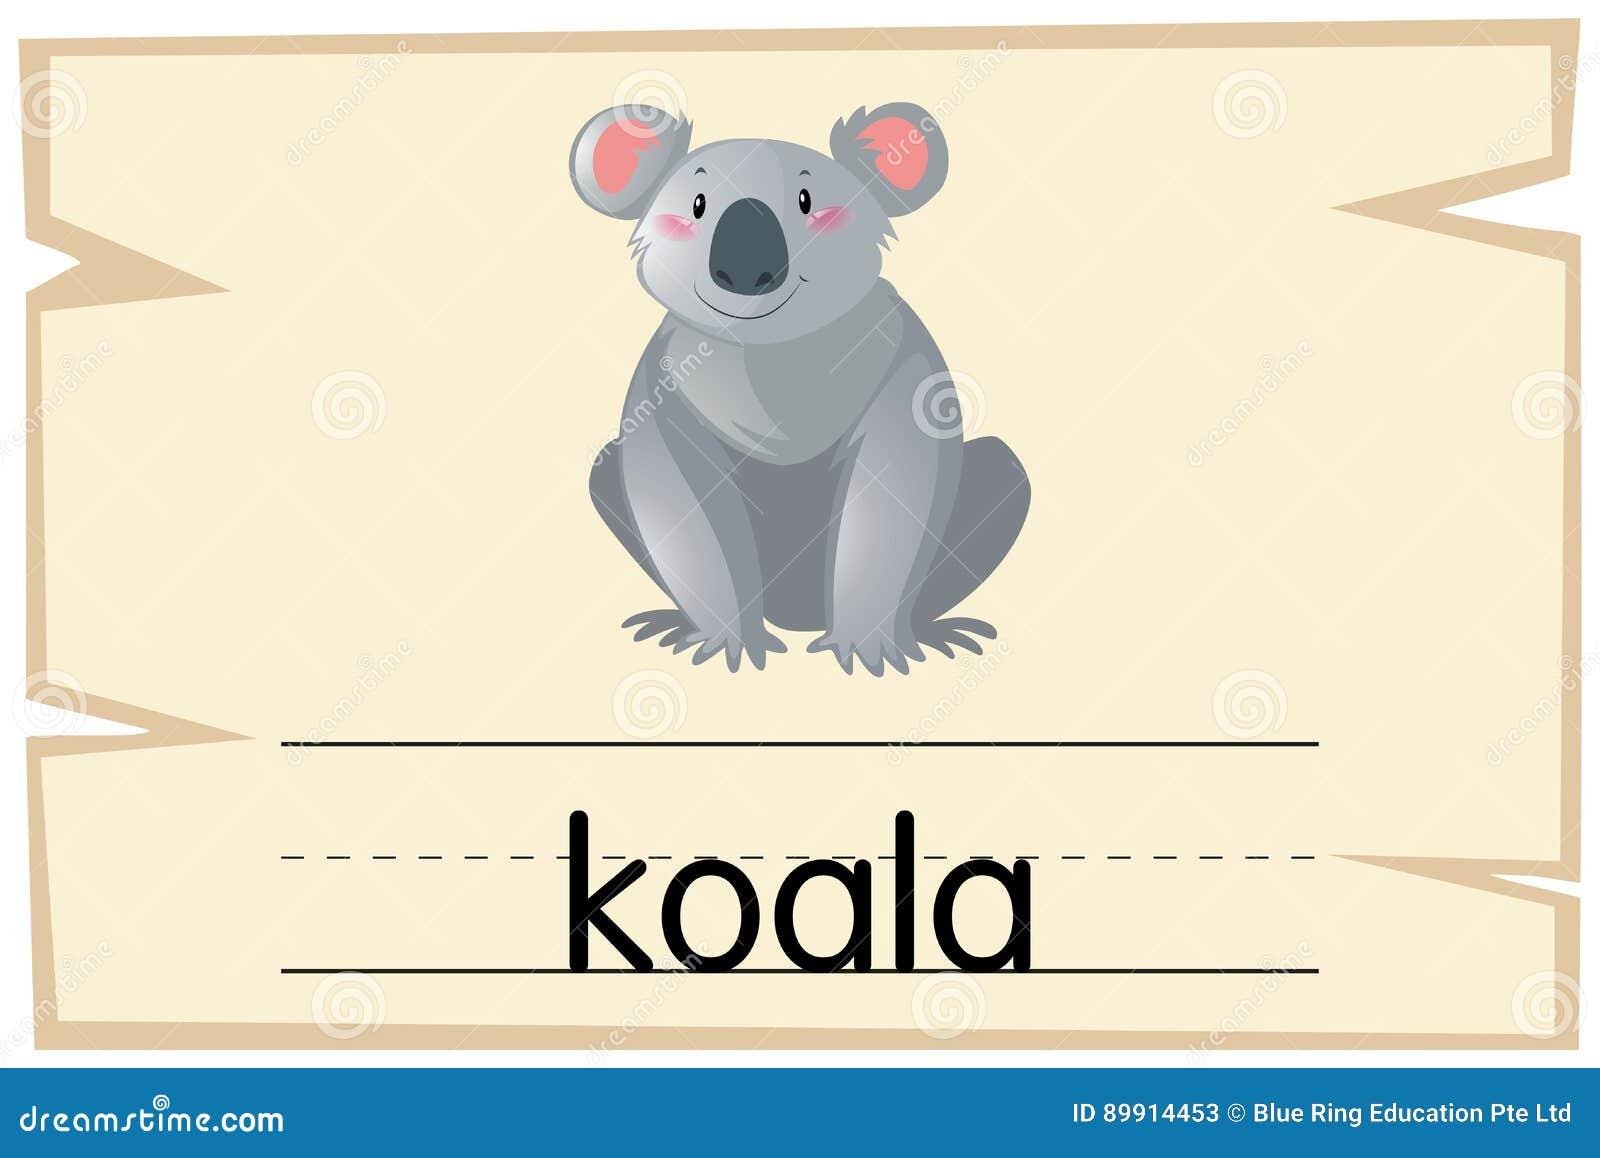 Plantilla De Wordcard Para El Oso De Koala Ilustración del Vector ...